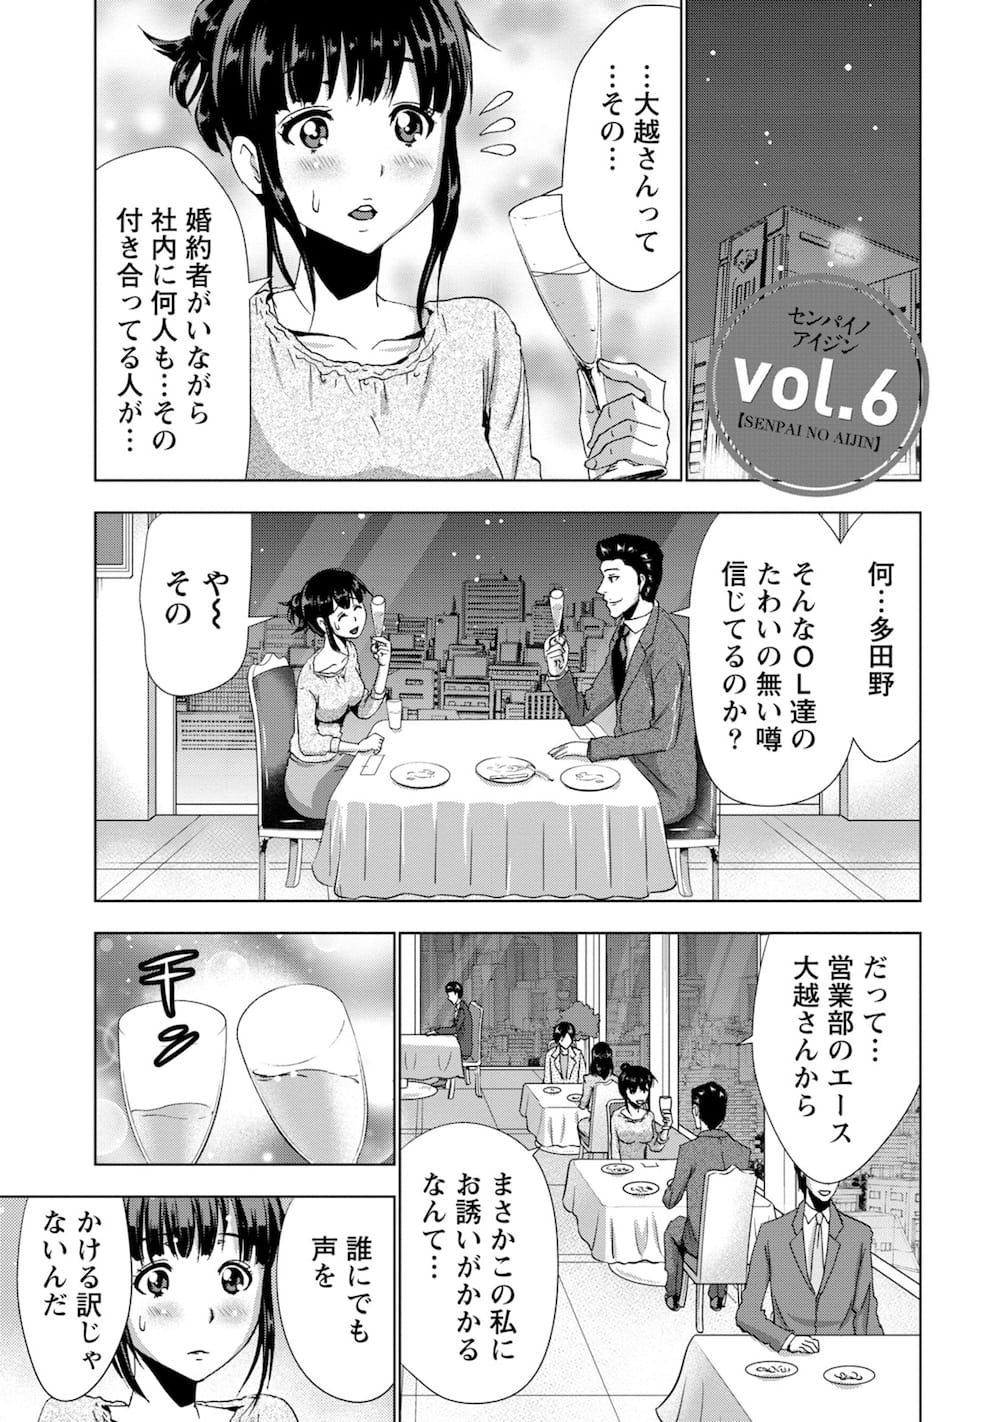 【エロ同人・エロ漫画】婚約者も都合の良いセフレもいるけど箸休めとして新しい女に手を出してセックスするwww